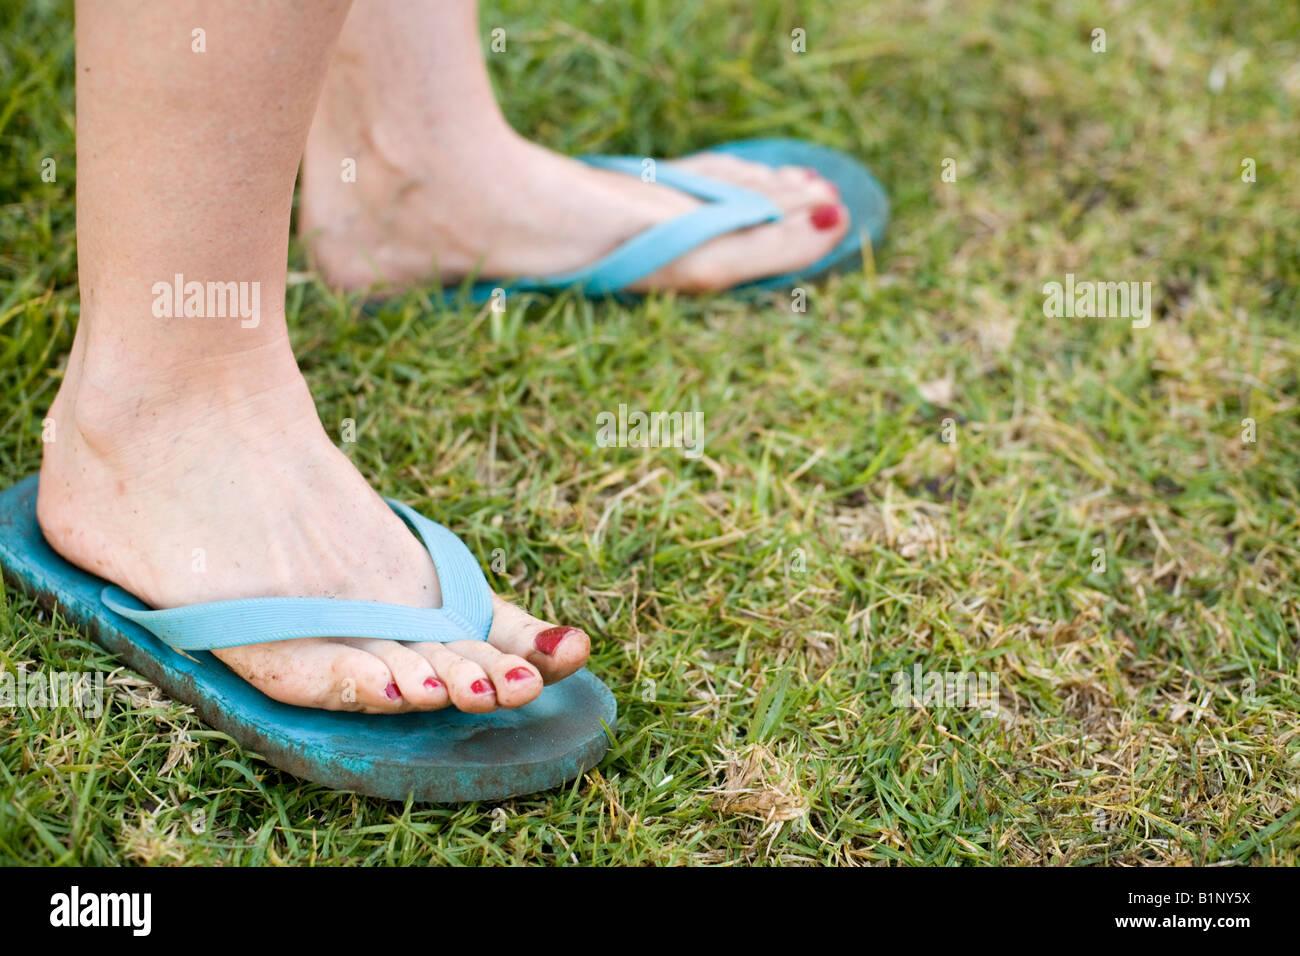 La mujer pies y dedos de los pies cubiertos de suciedad de ...